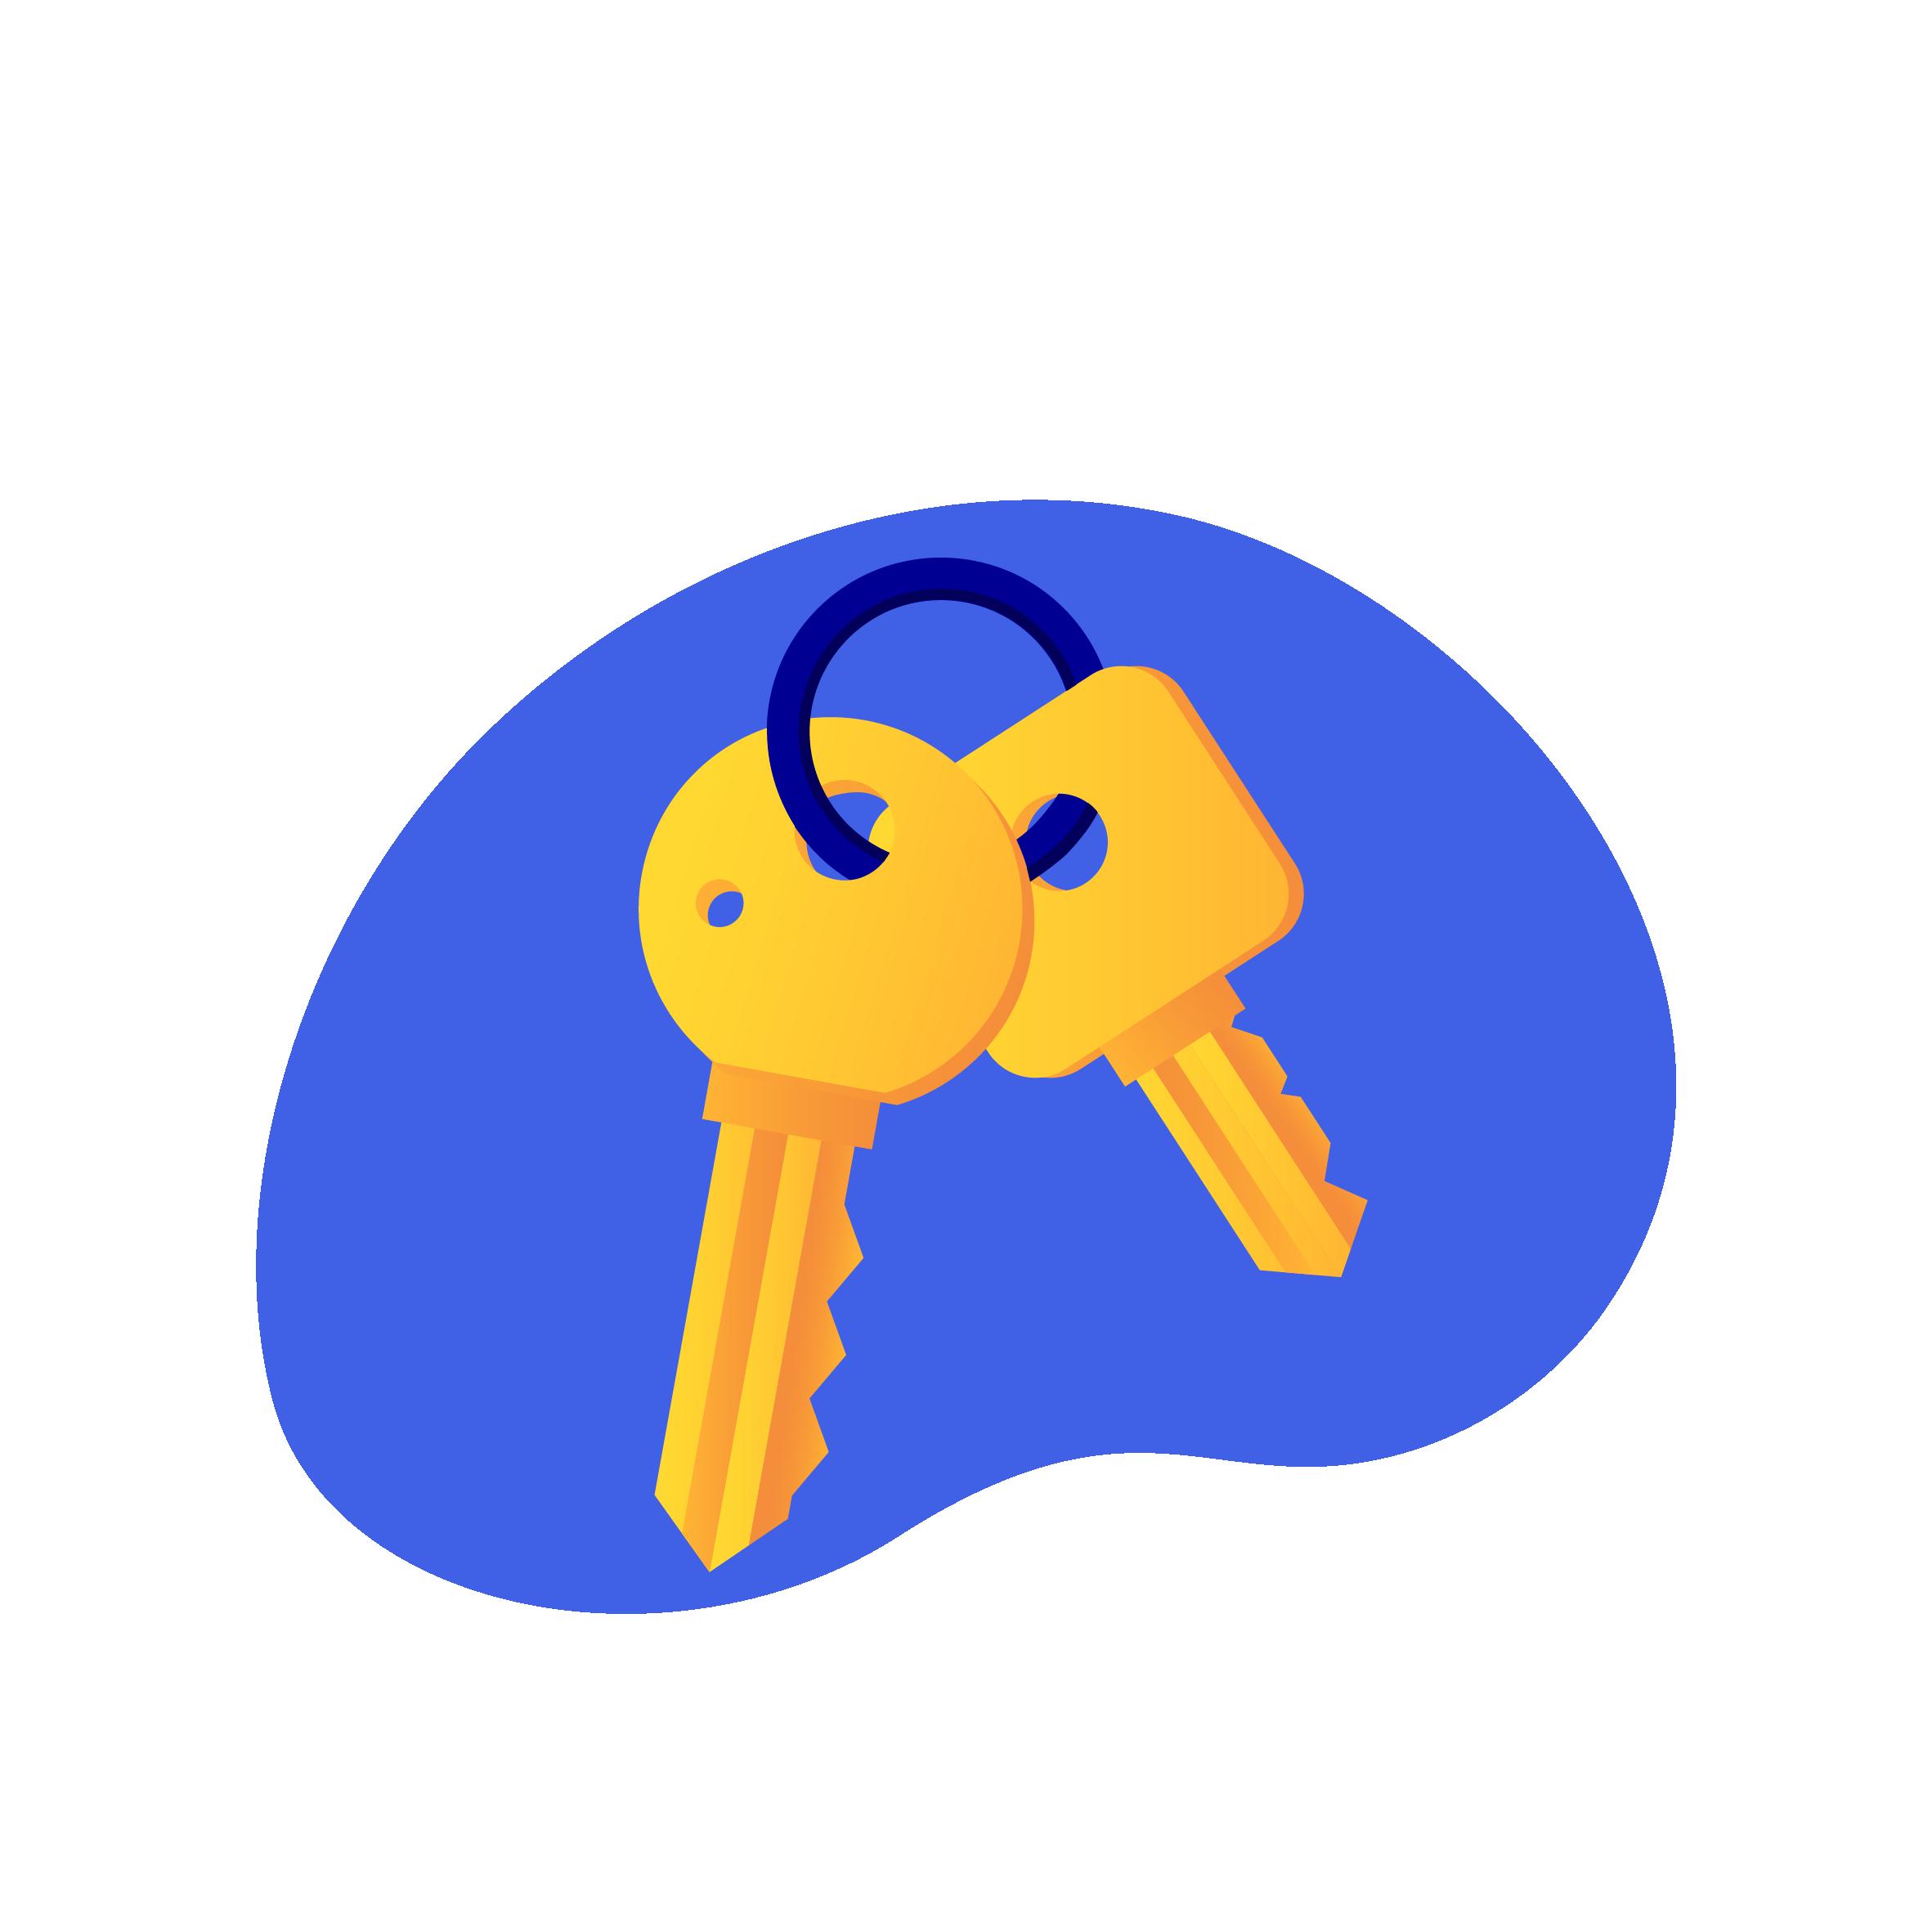 ikon som viser to nøkler